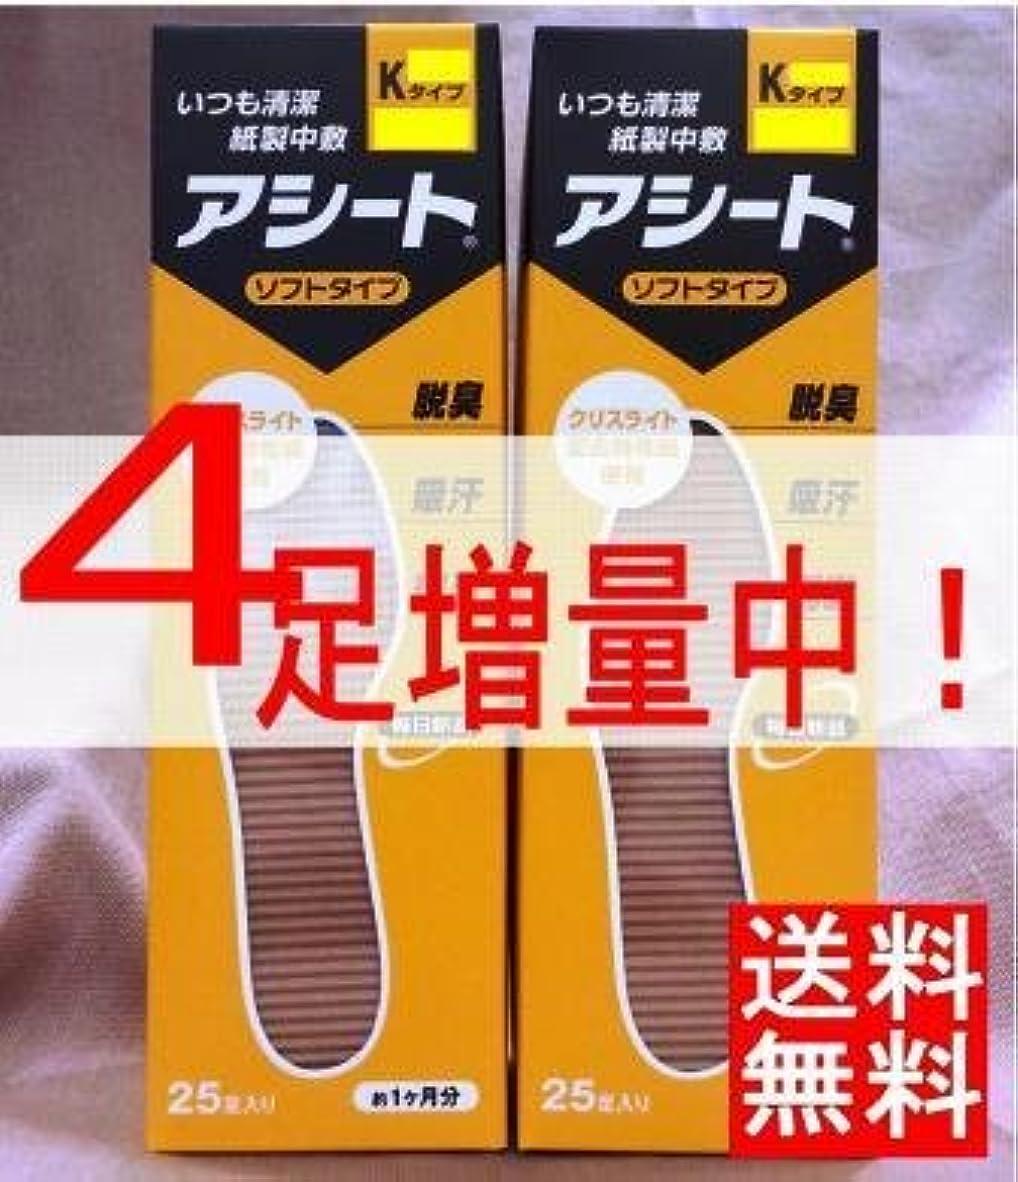 液体大ケニアアシートKタイプ(サイズ26㎝)25足入×2箱セット(4足増量中)